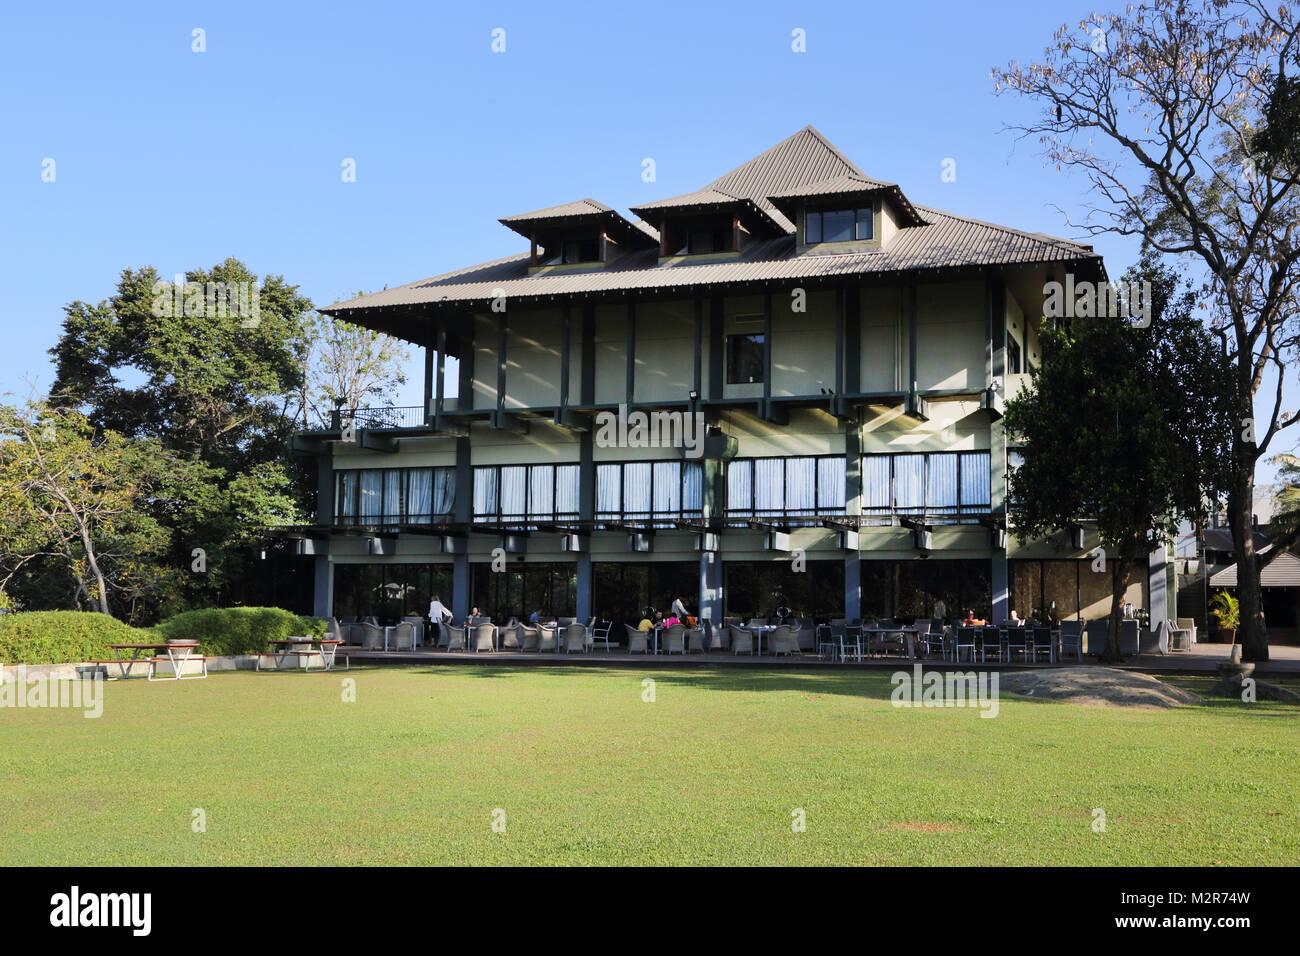 Peradeniya Kandy Central Province Sri Lanka Peradeniya Royal Botanic Gardens Cafe - Stock Image